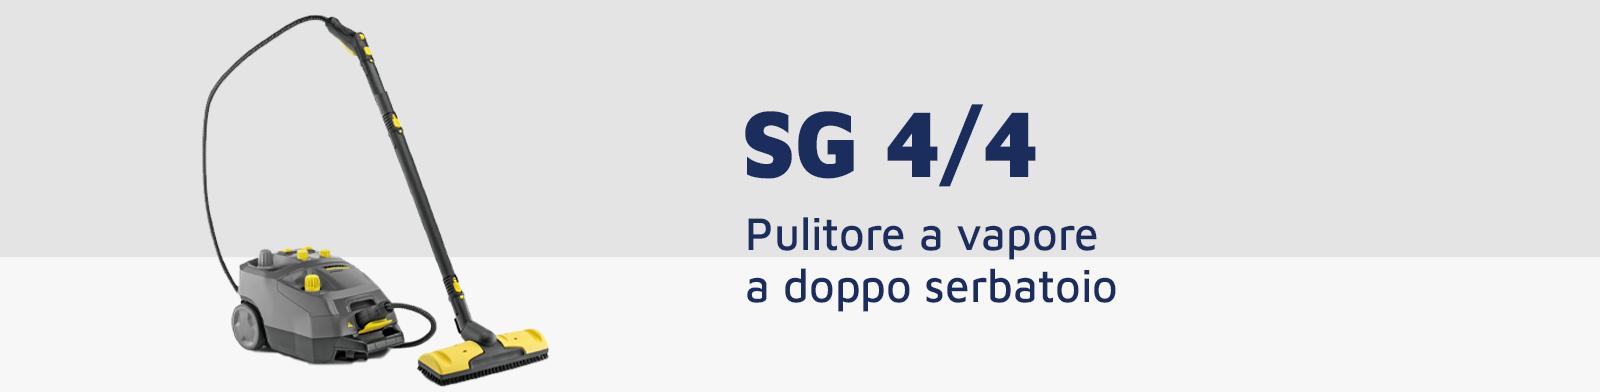 SG 4/4 karcher